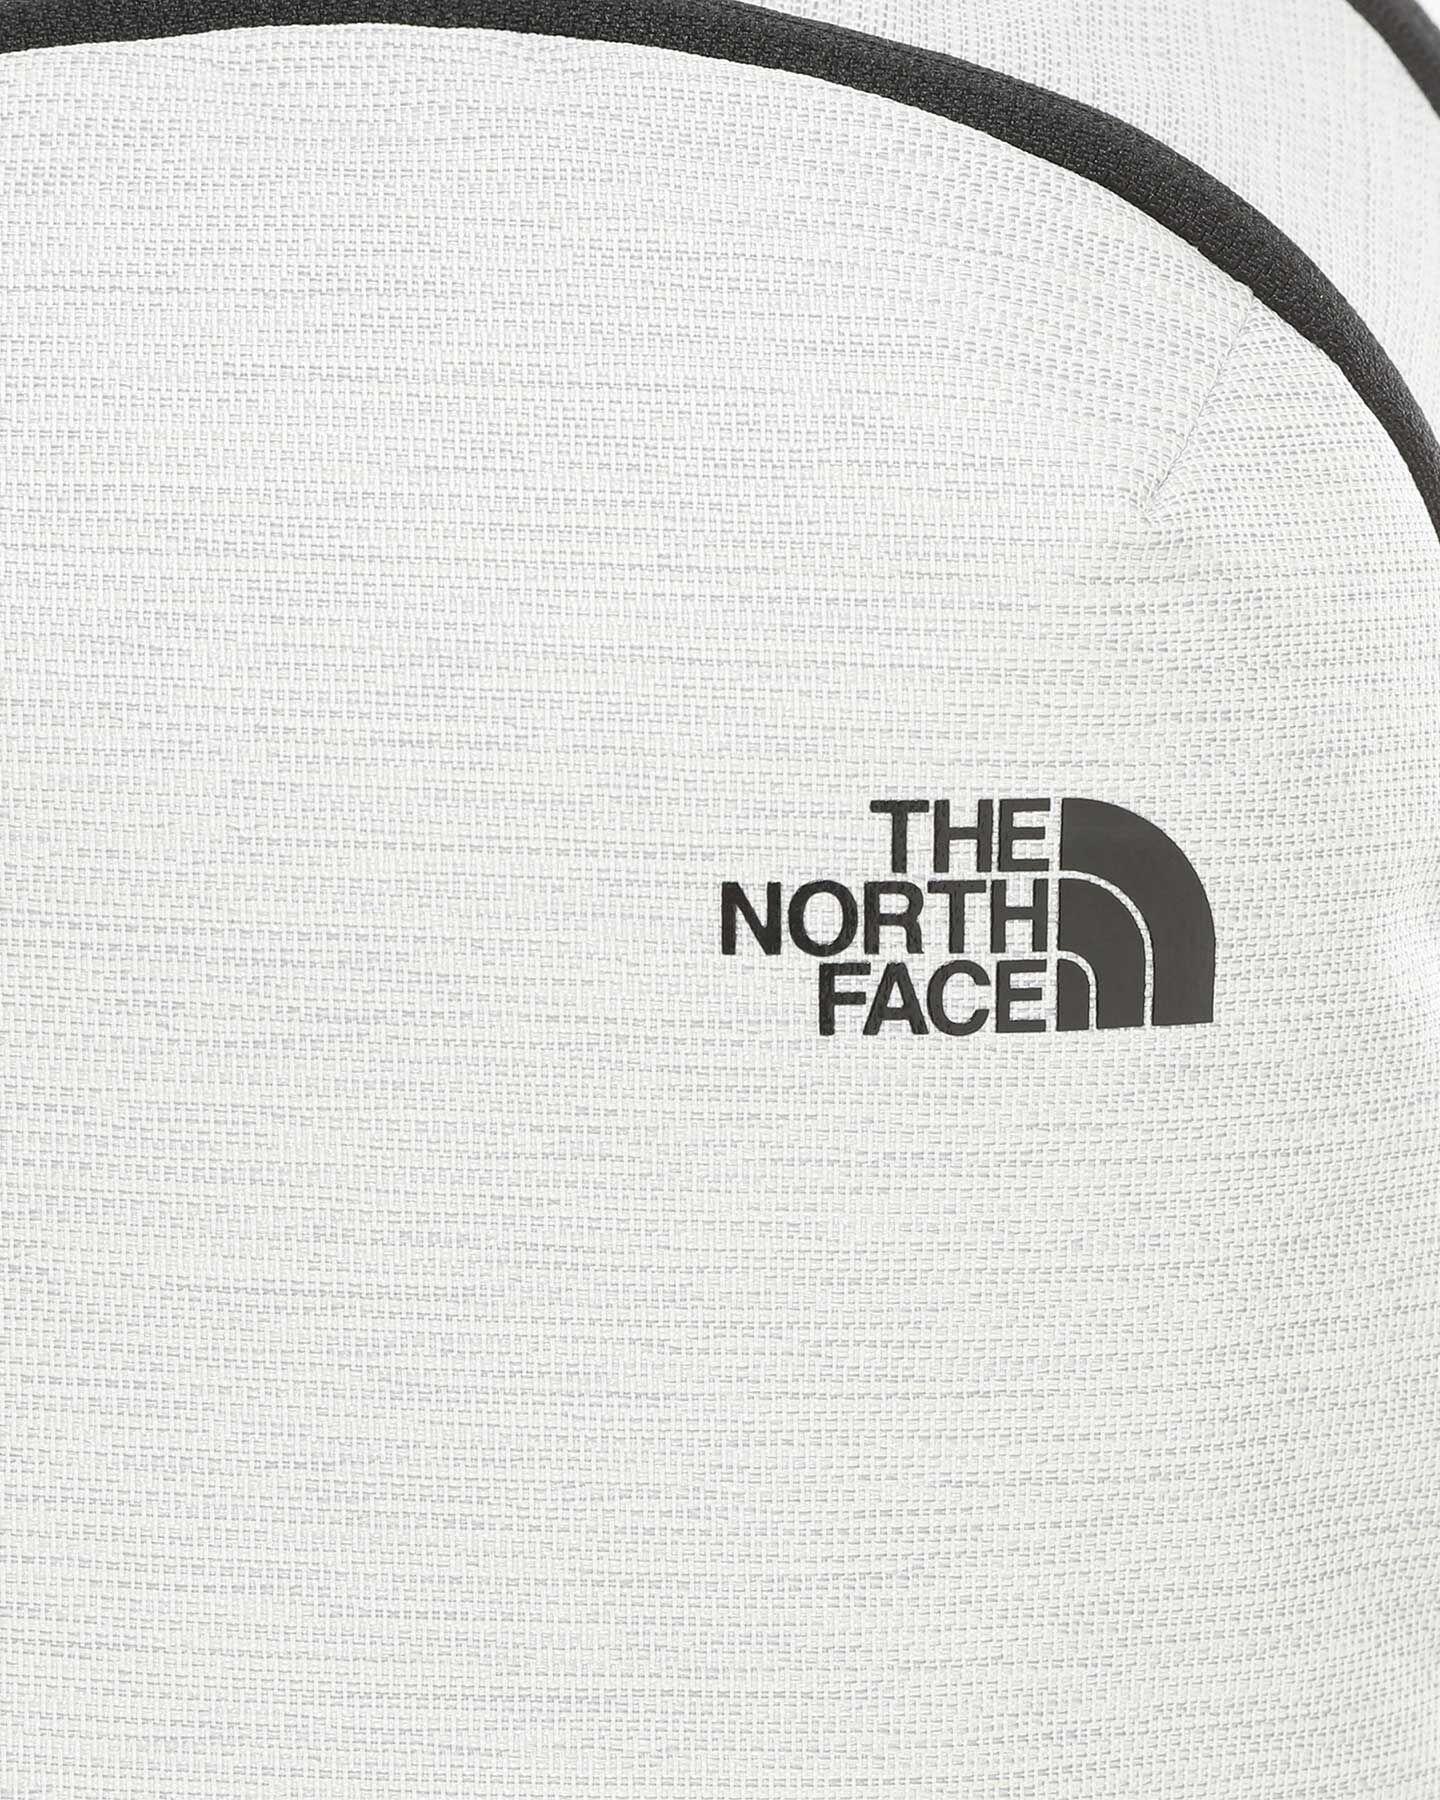 Zaino THE NORTH FACE ISABELLA S5086713|F09|OS scatto 4